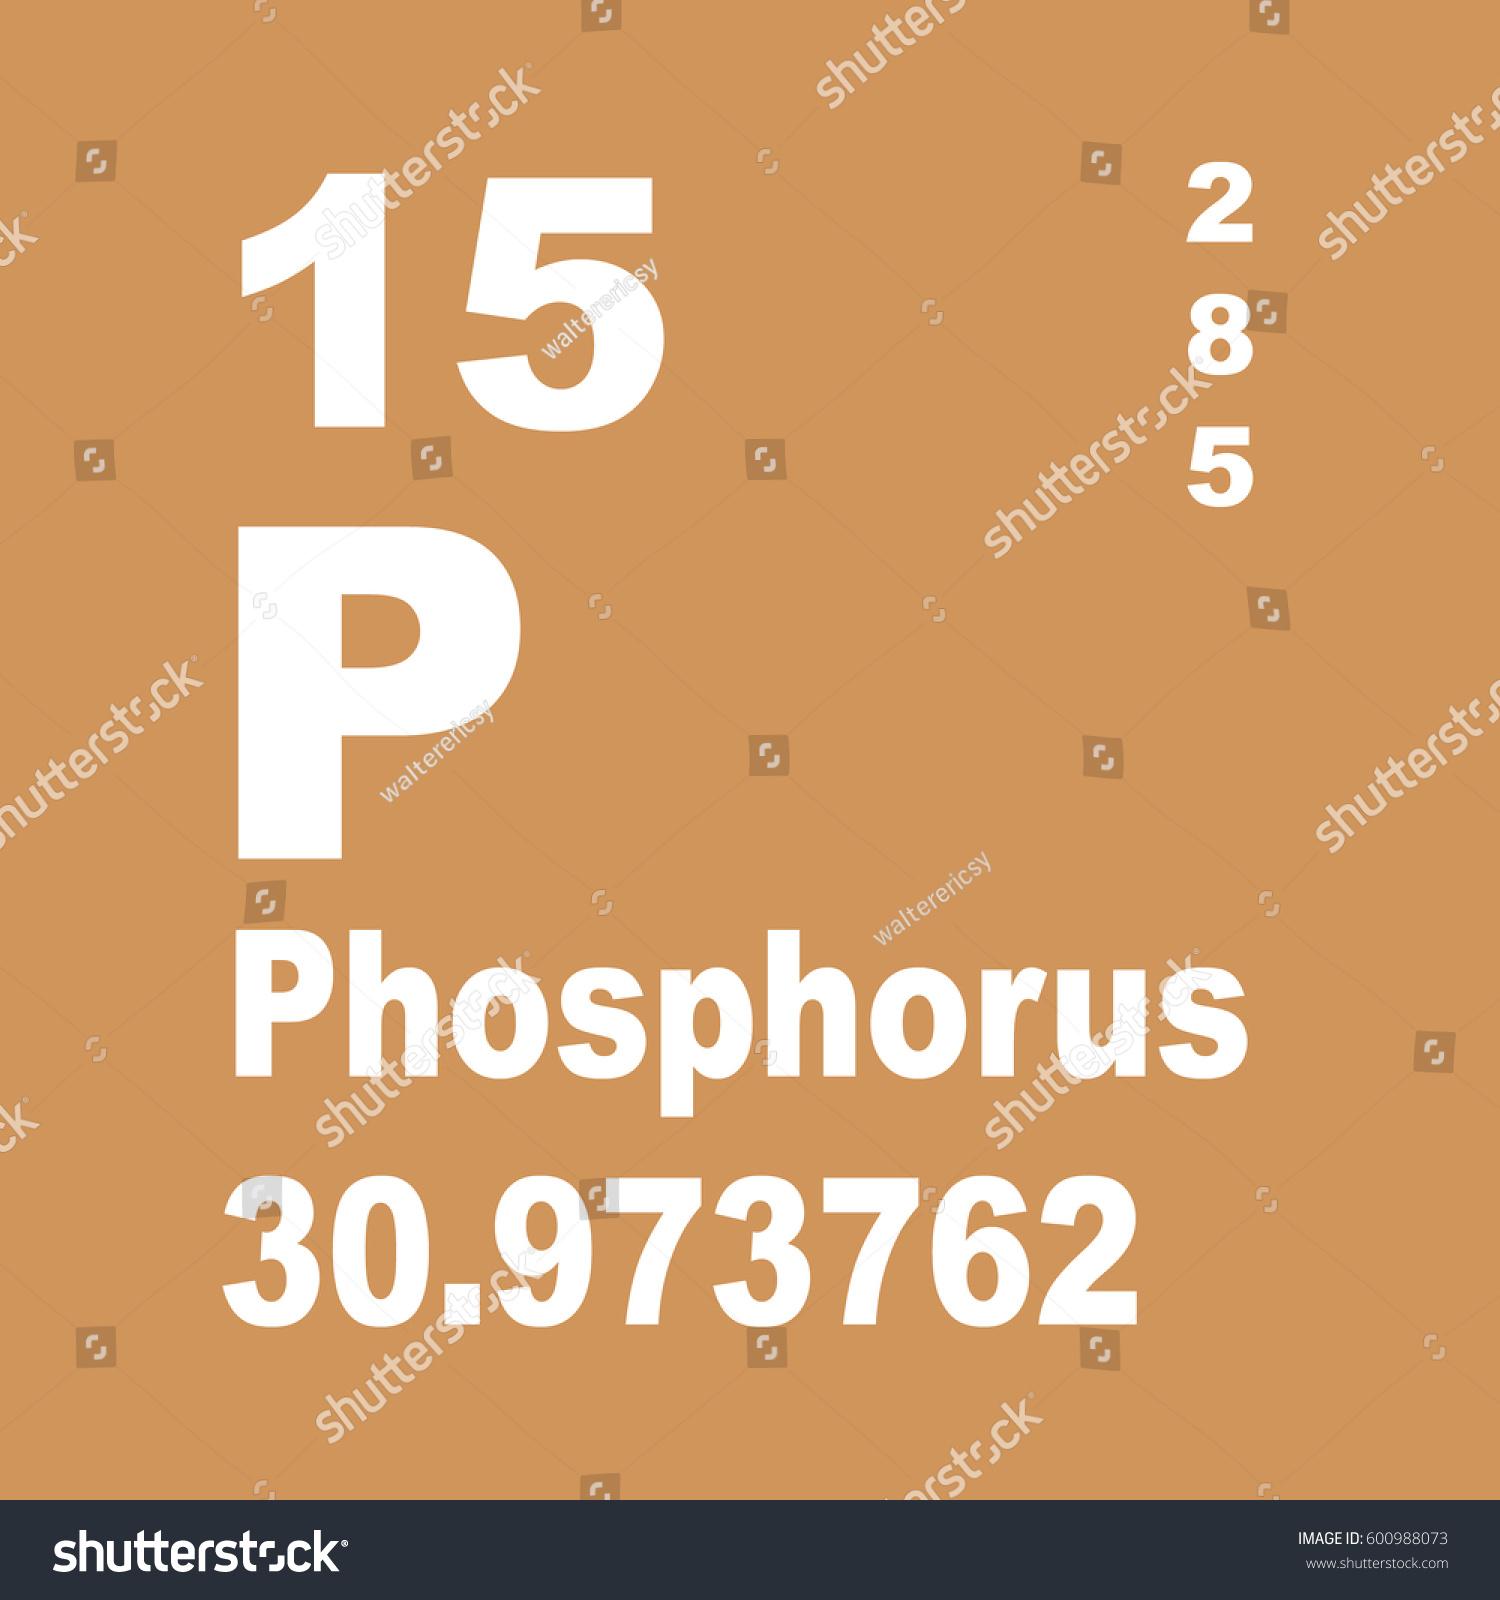 Phosphorus periodic table elements stock illustration 600988073 phosphorus periodic table of elements gamestrikefo Gallery